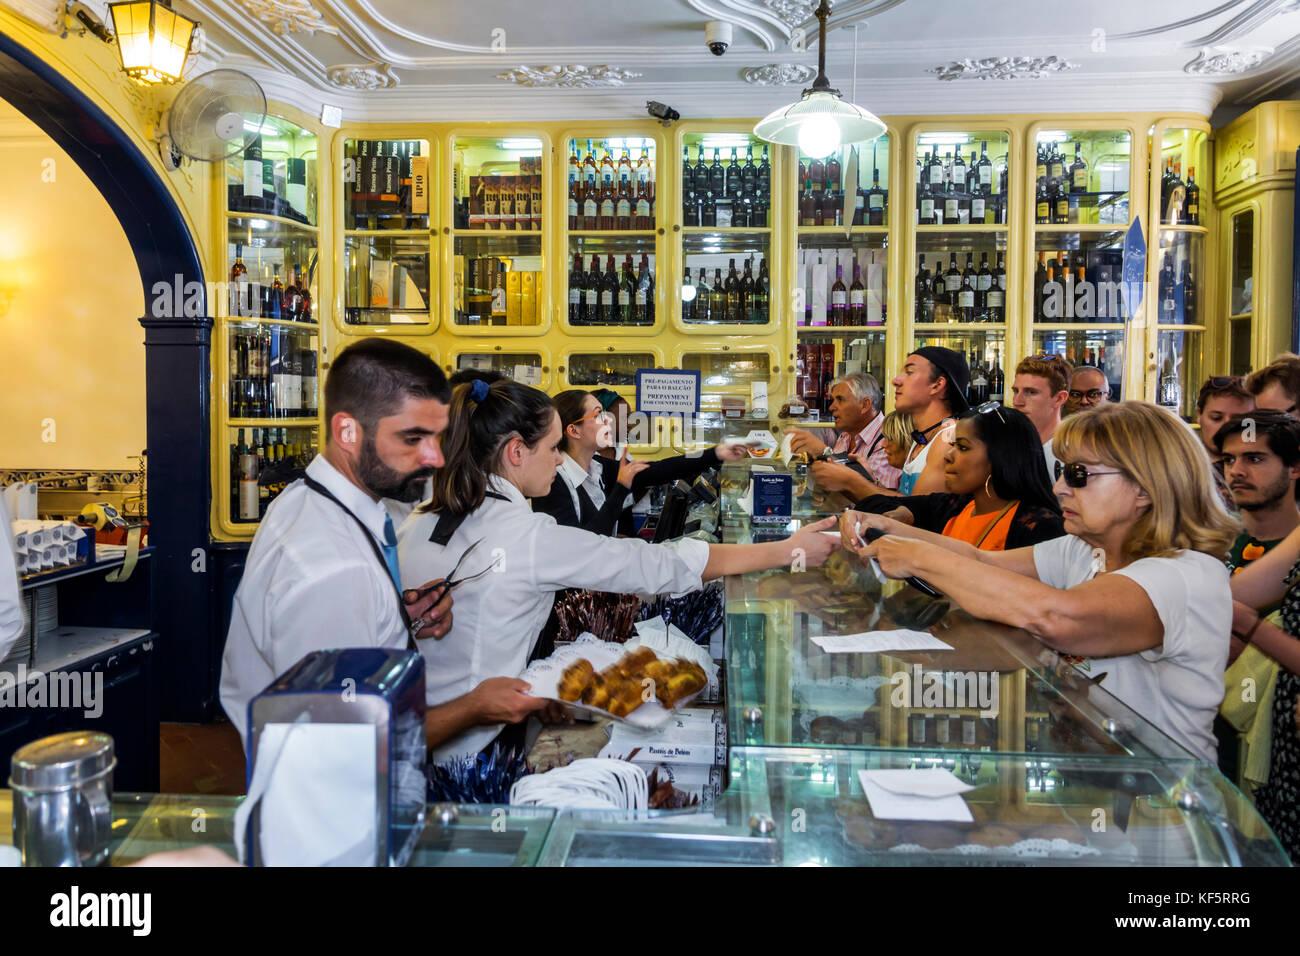 Lisbon Portugal Belem historic district Rua de Belem Fabrica de Pasteis de Belem bakery pastry shop Portuguese confectionery - Stock Image